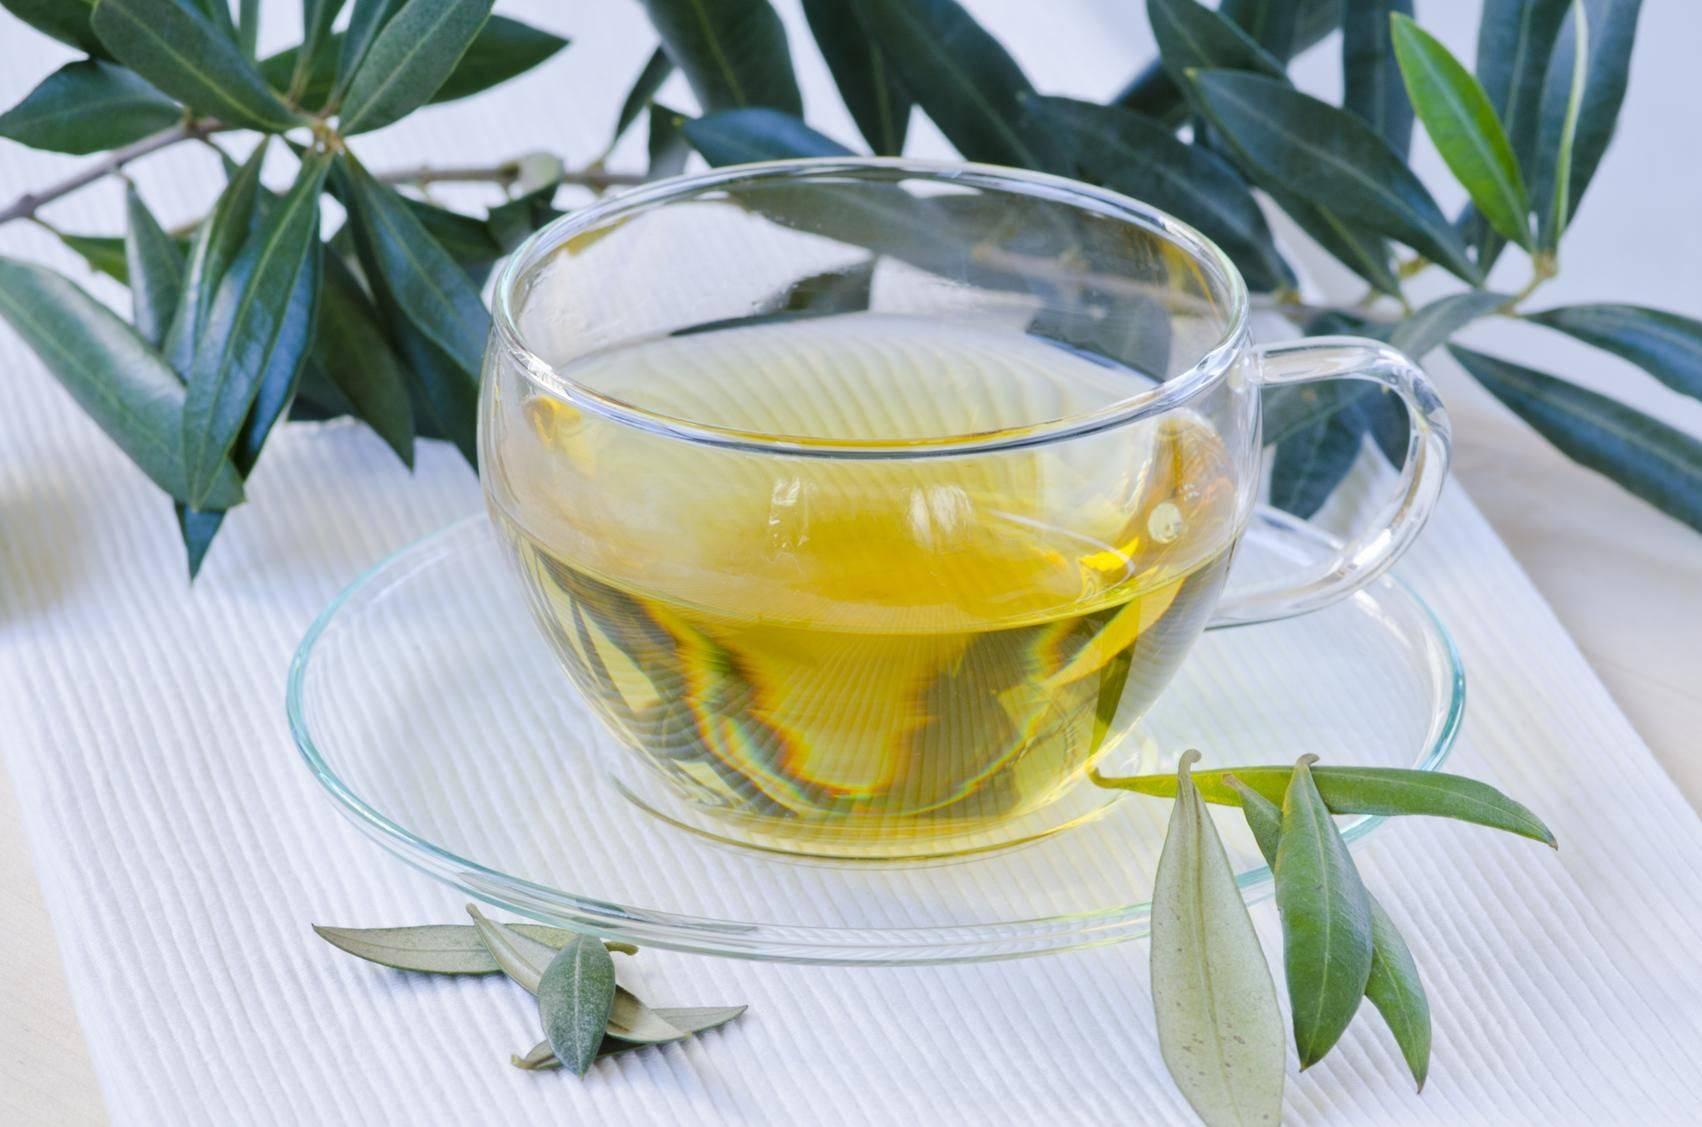 Чай из листьев оливы – полезные свойства, рецепты, отзывы